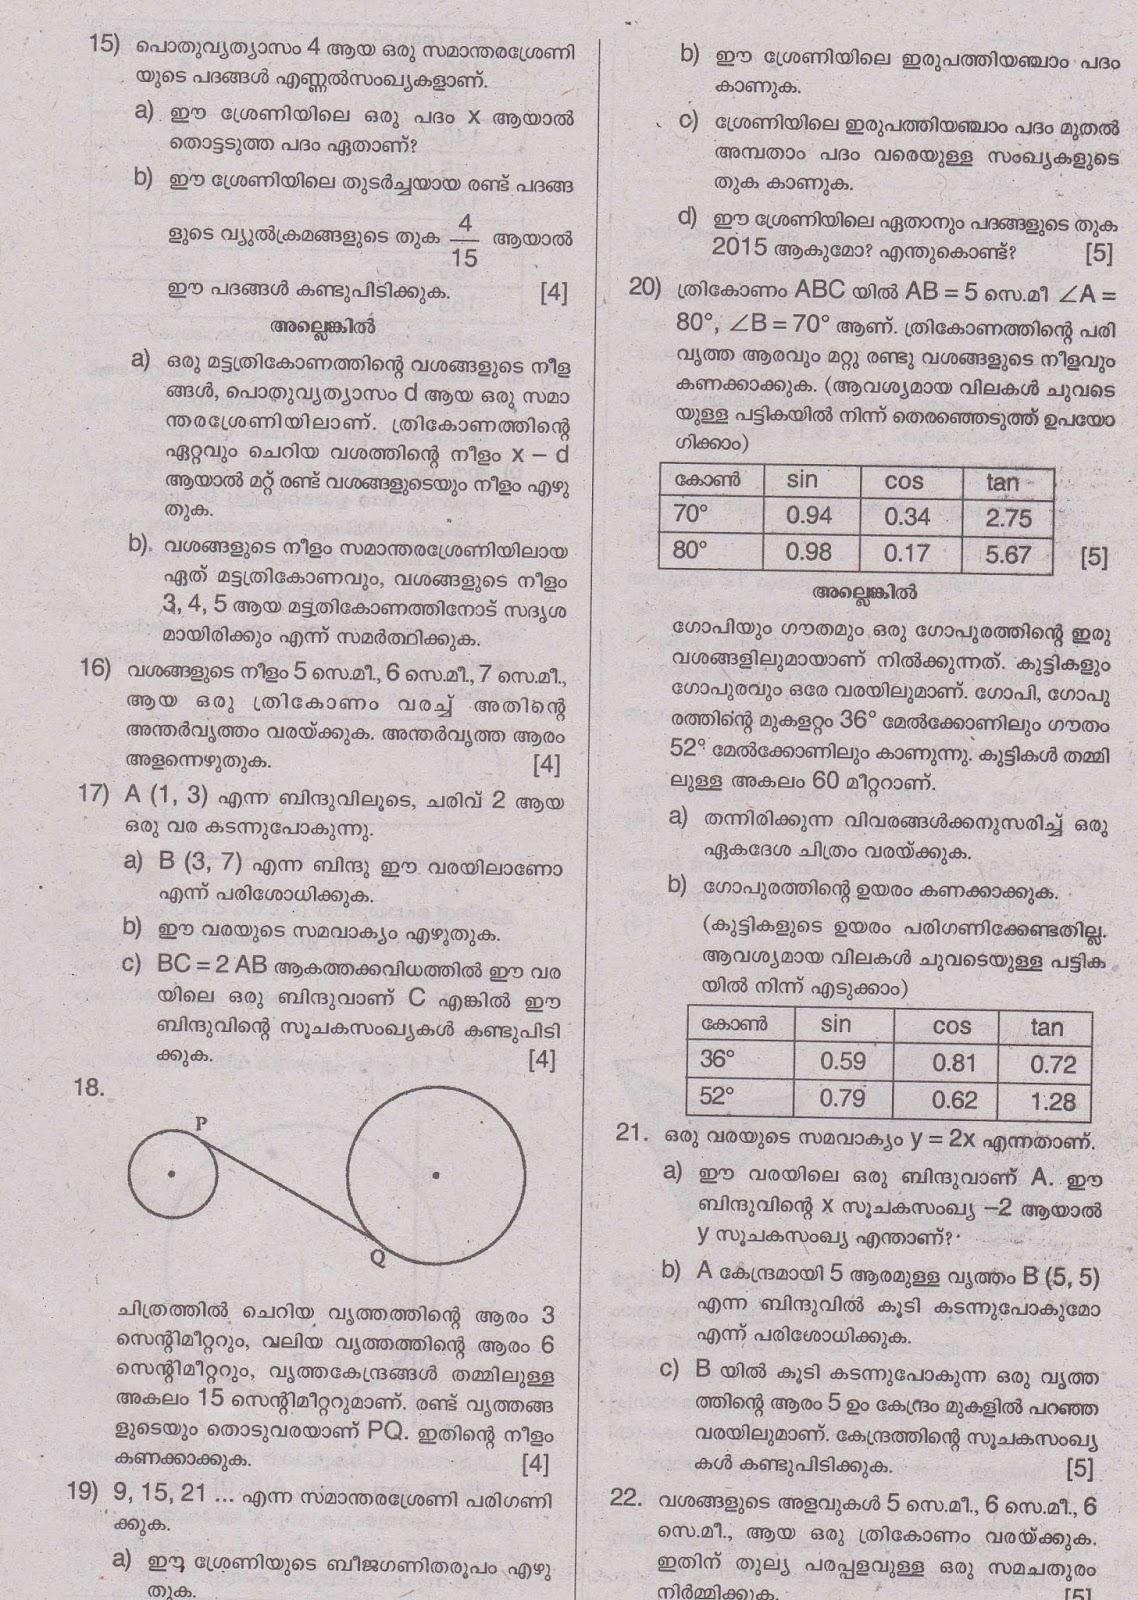 SSLC Question Paper: Sslc Model Question Paper 2015